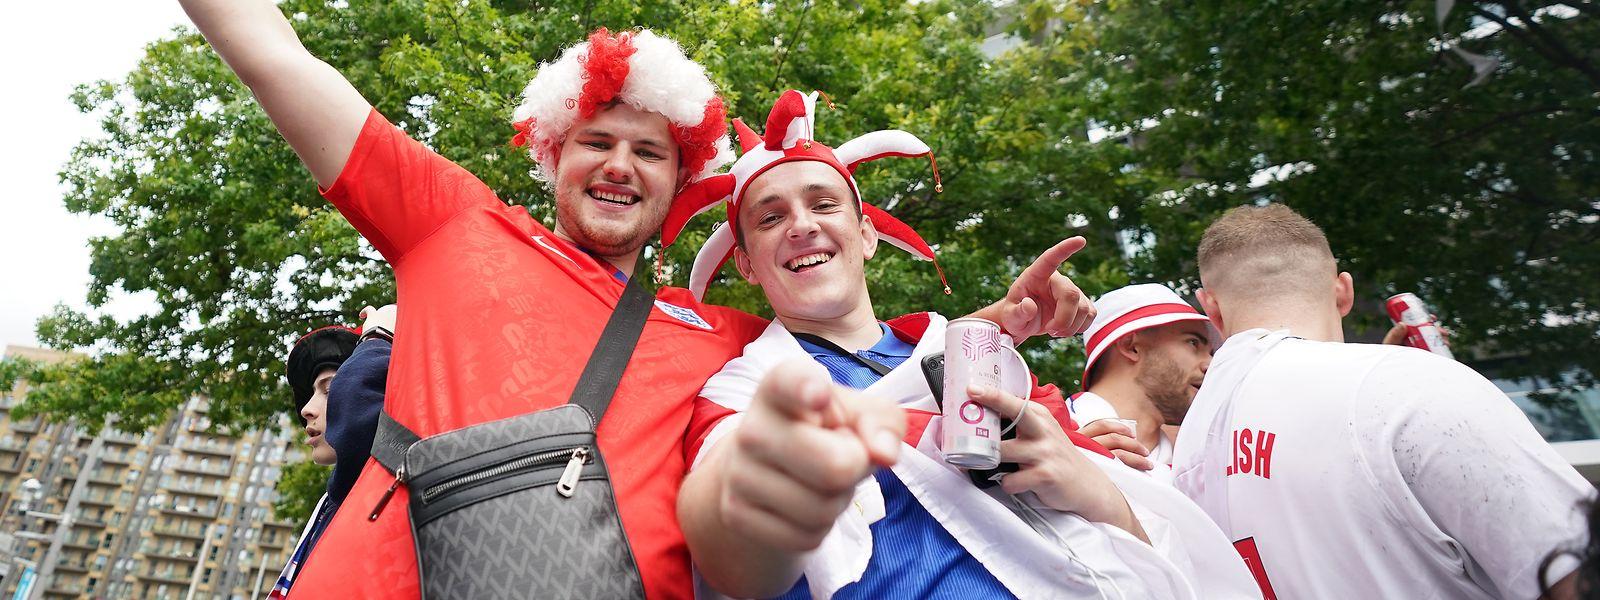 En stade ou en fanzone, le virus continue à circuler. Certains l'oublient facilement dans l'euphorie des matches de l'Euro.